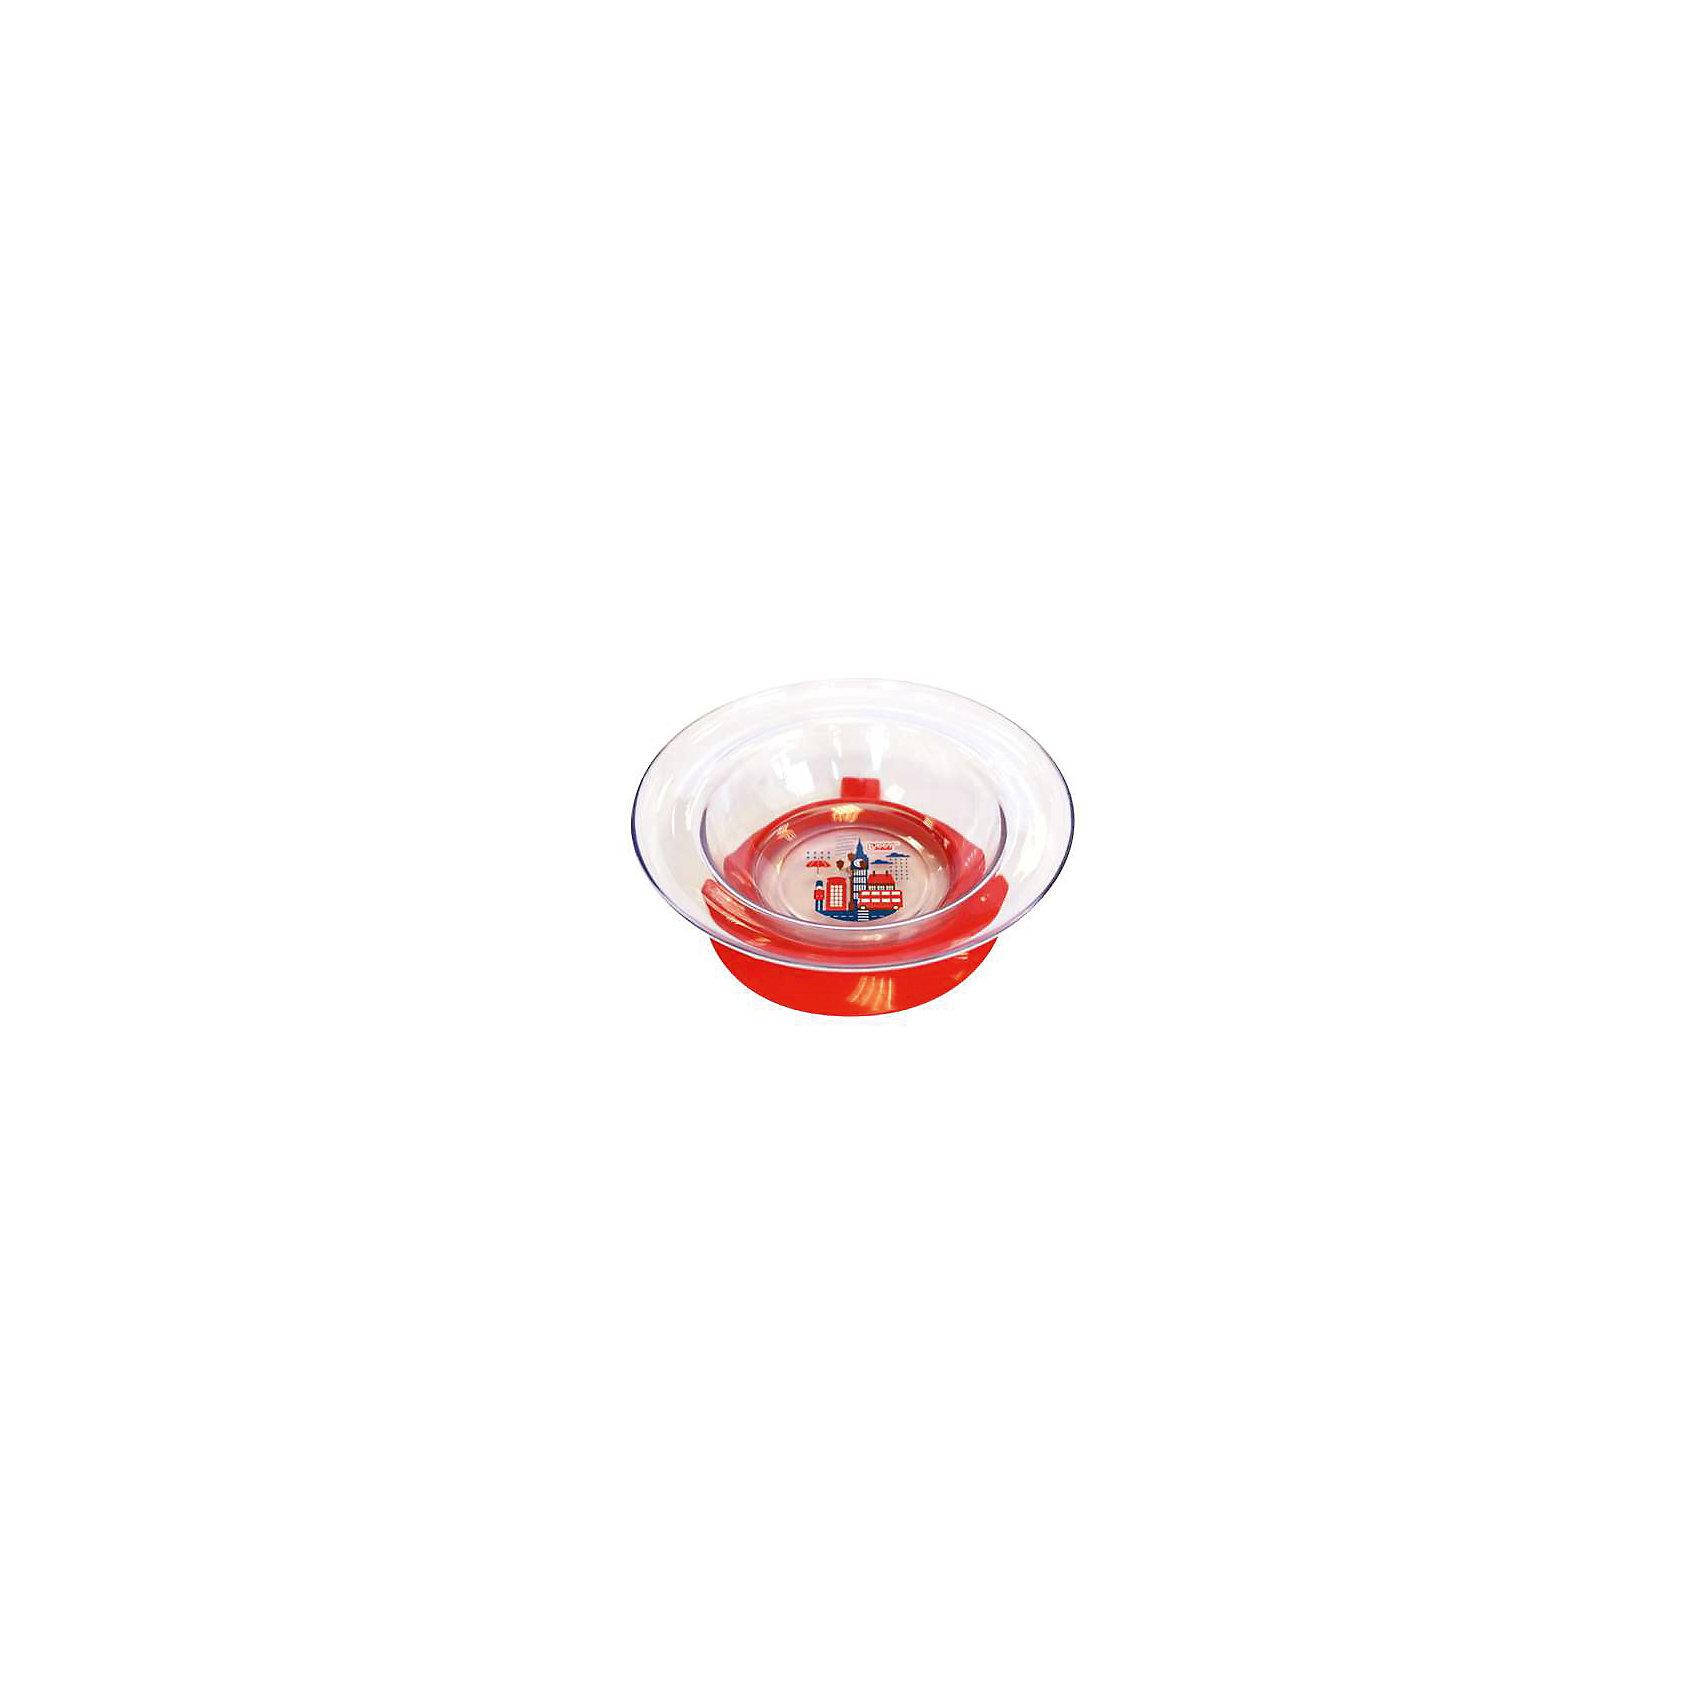 Тарелка Любимая от 6 мес. с присоской, LUBBY, красный